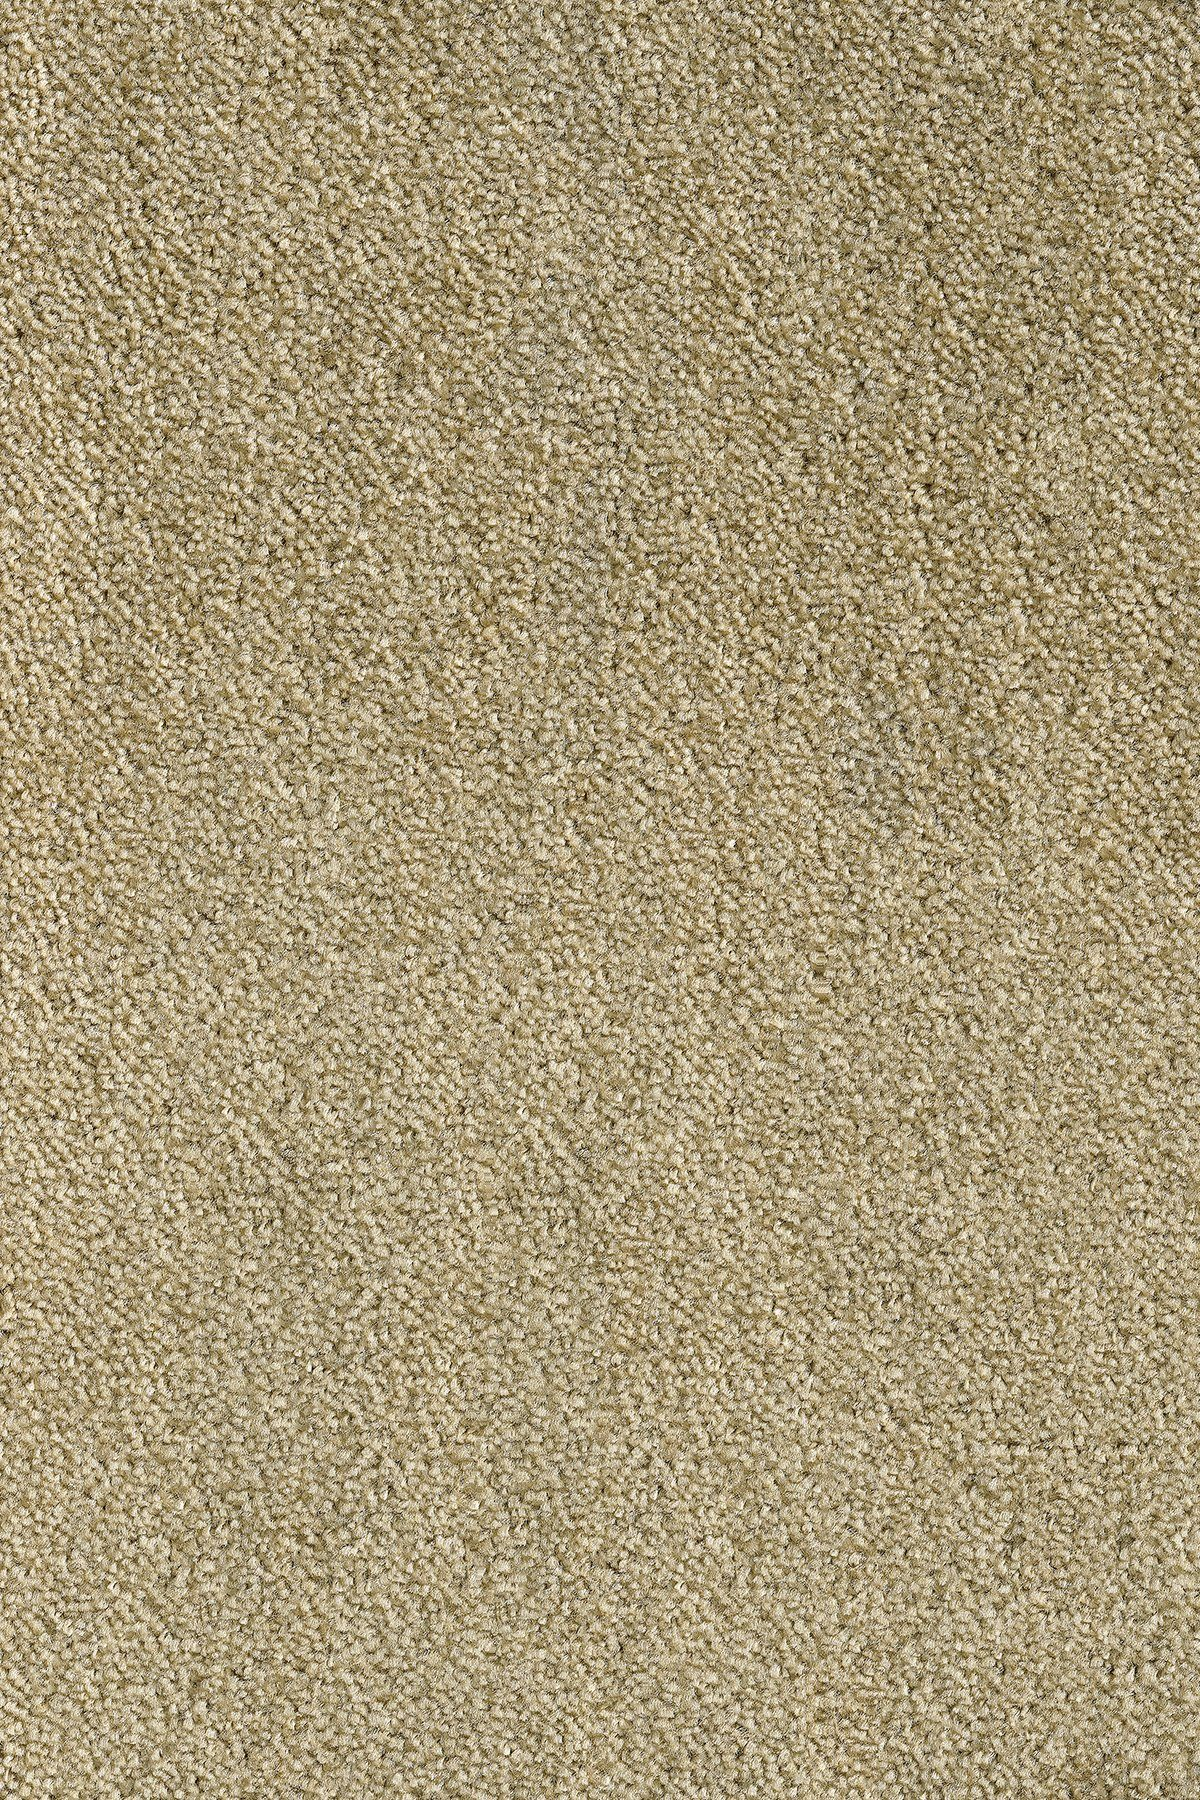 ANDIAMO Teppichboden »Levin grün«, Breite 500 cm